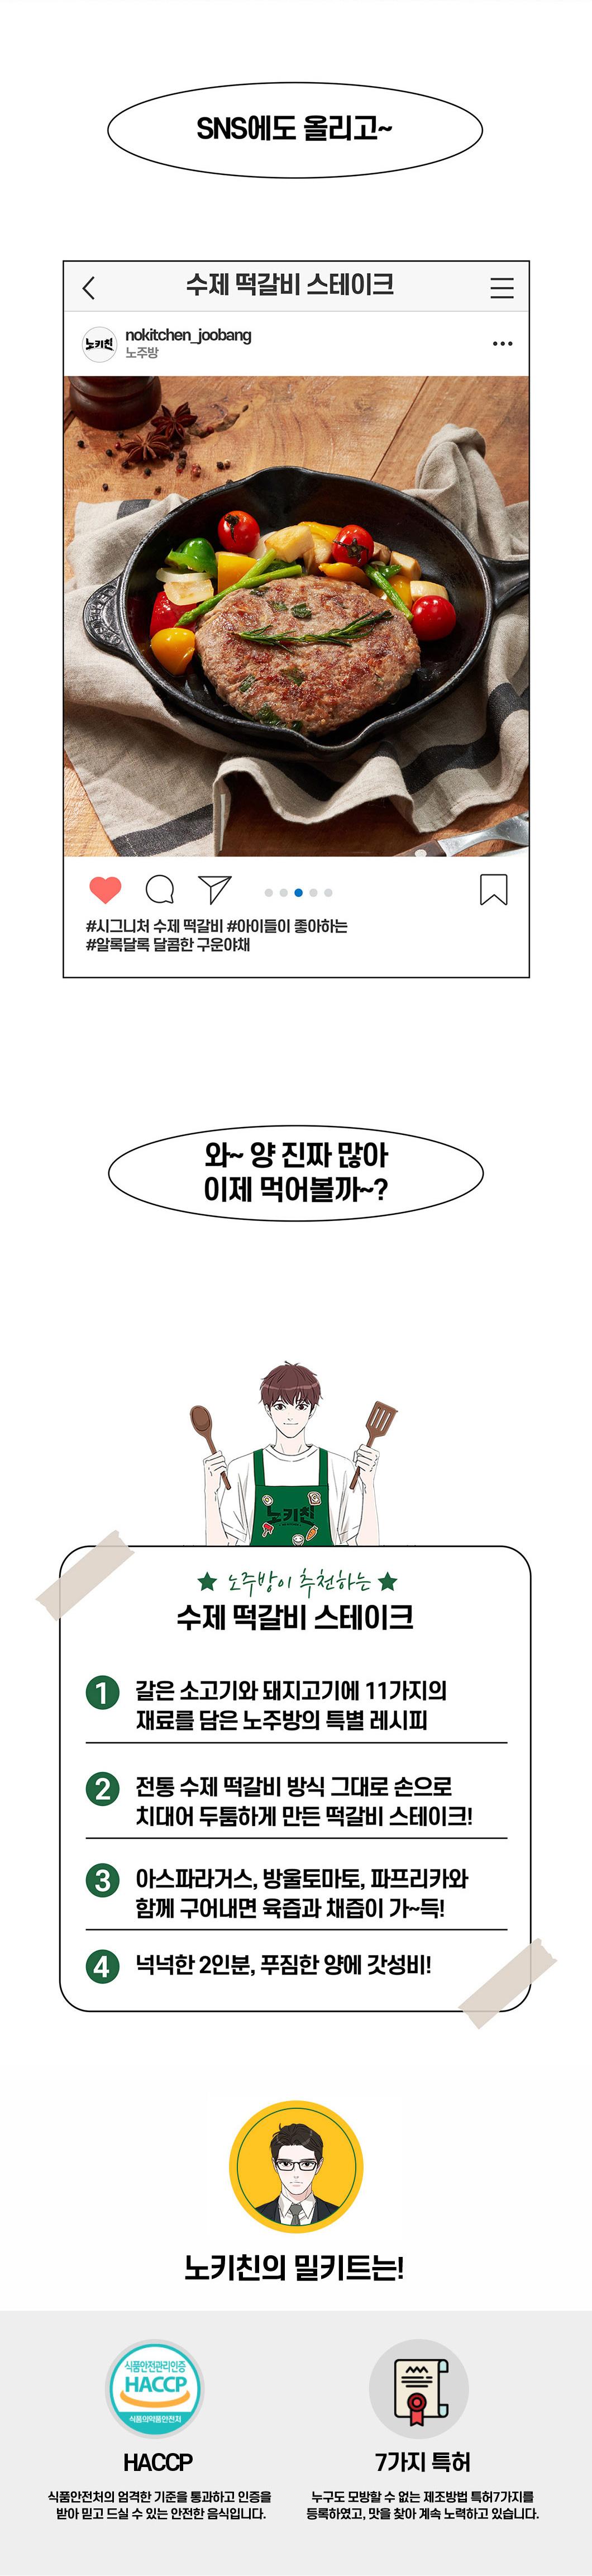 떡갈비_하단1060_06.jpg